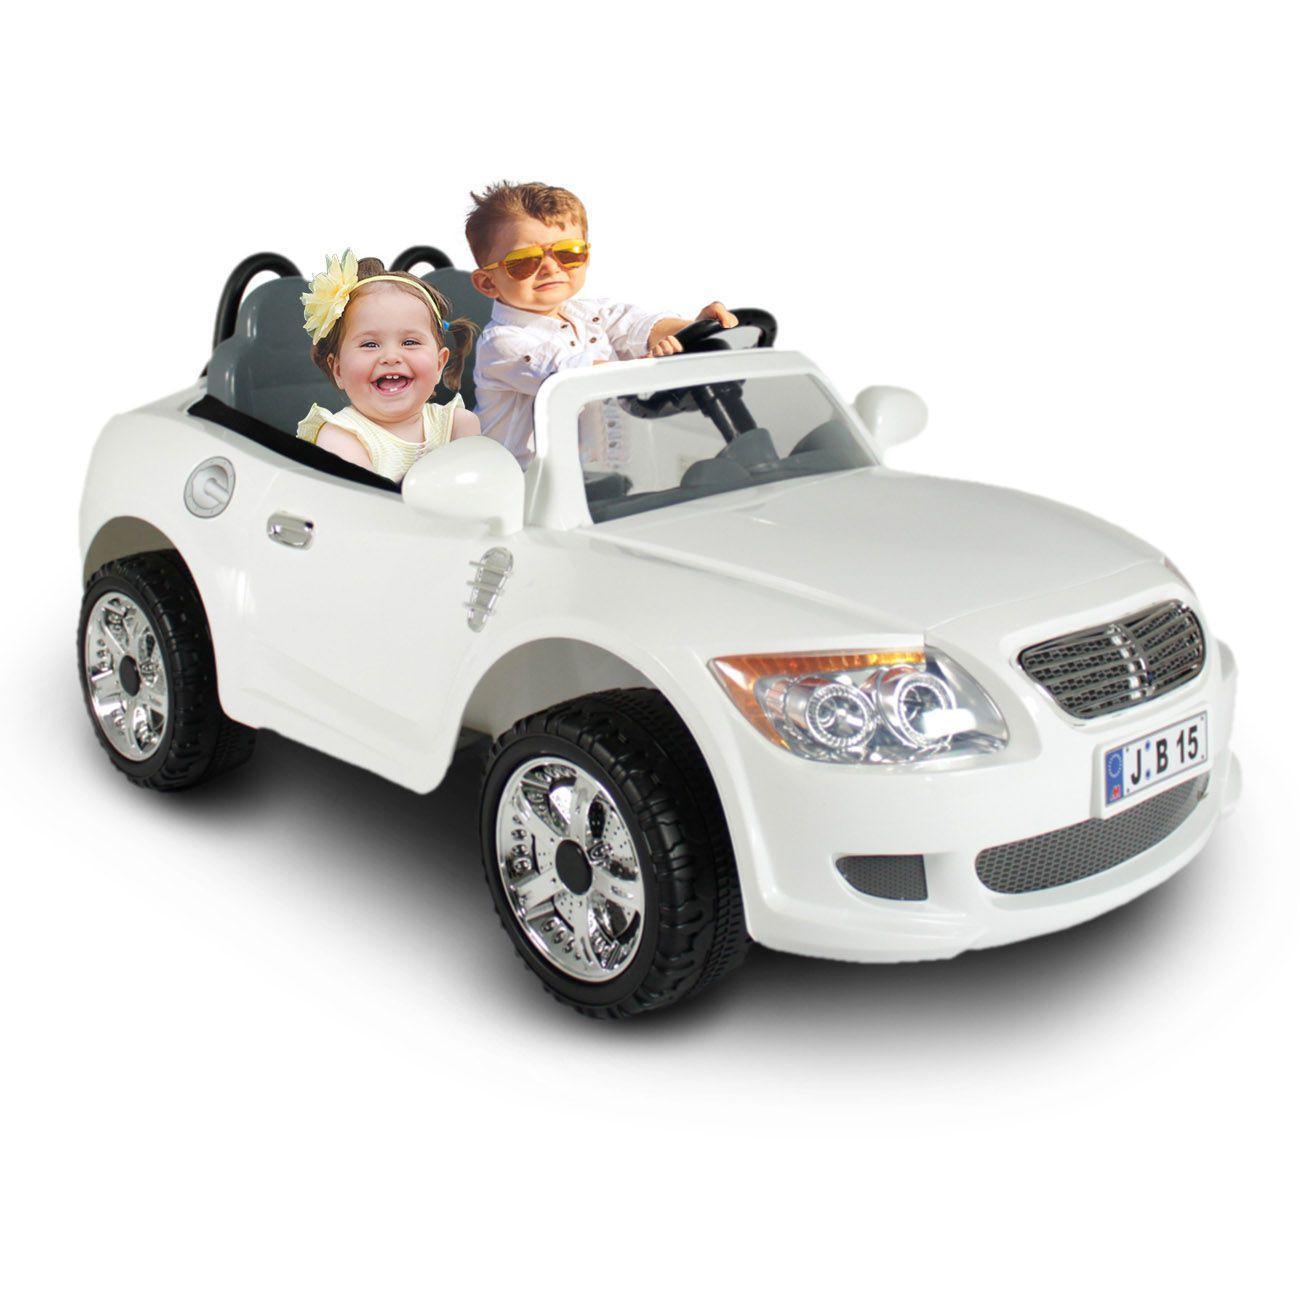 2b7fdc066b Carro Elétrico Carrinho Infantil Conversível Esportivo Branco 2 Lugares  Controle Remoto 12V - Bel fix R  2.889